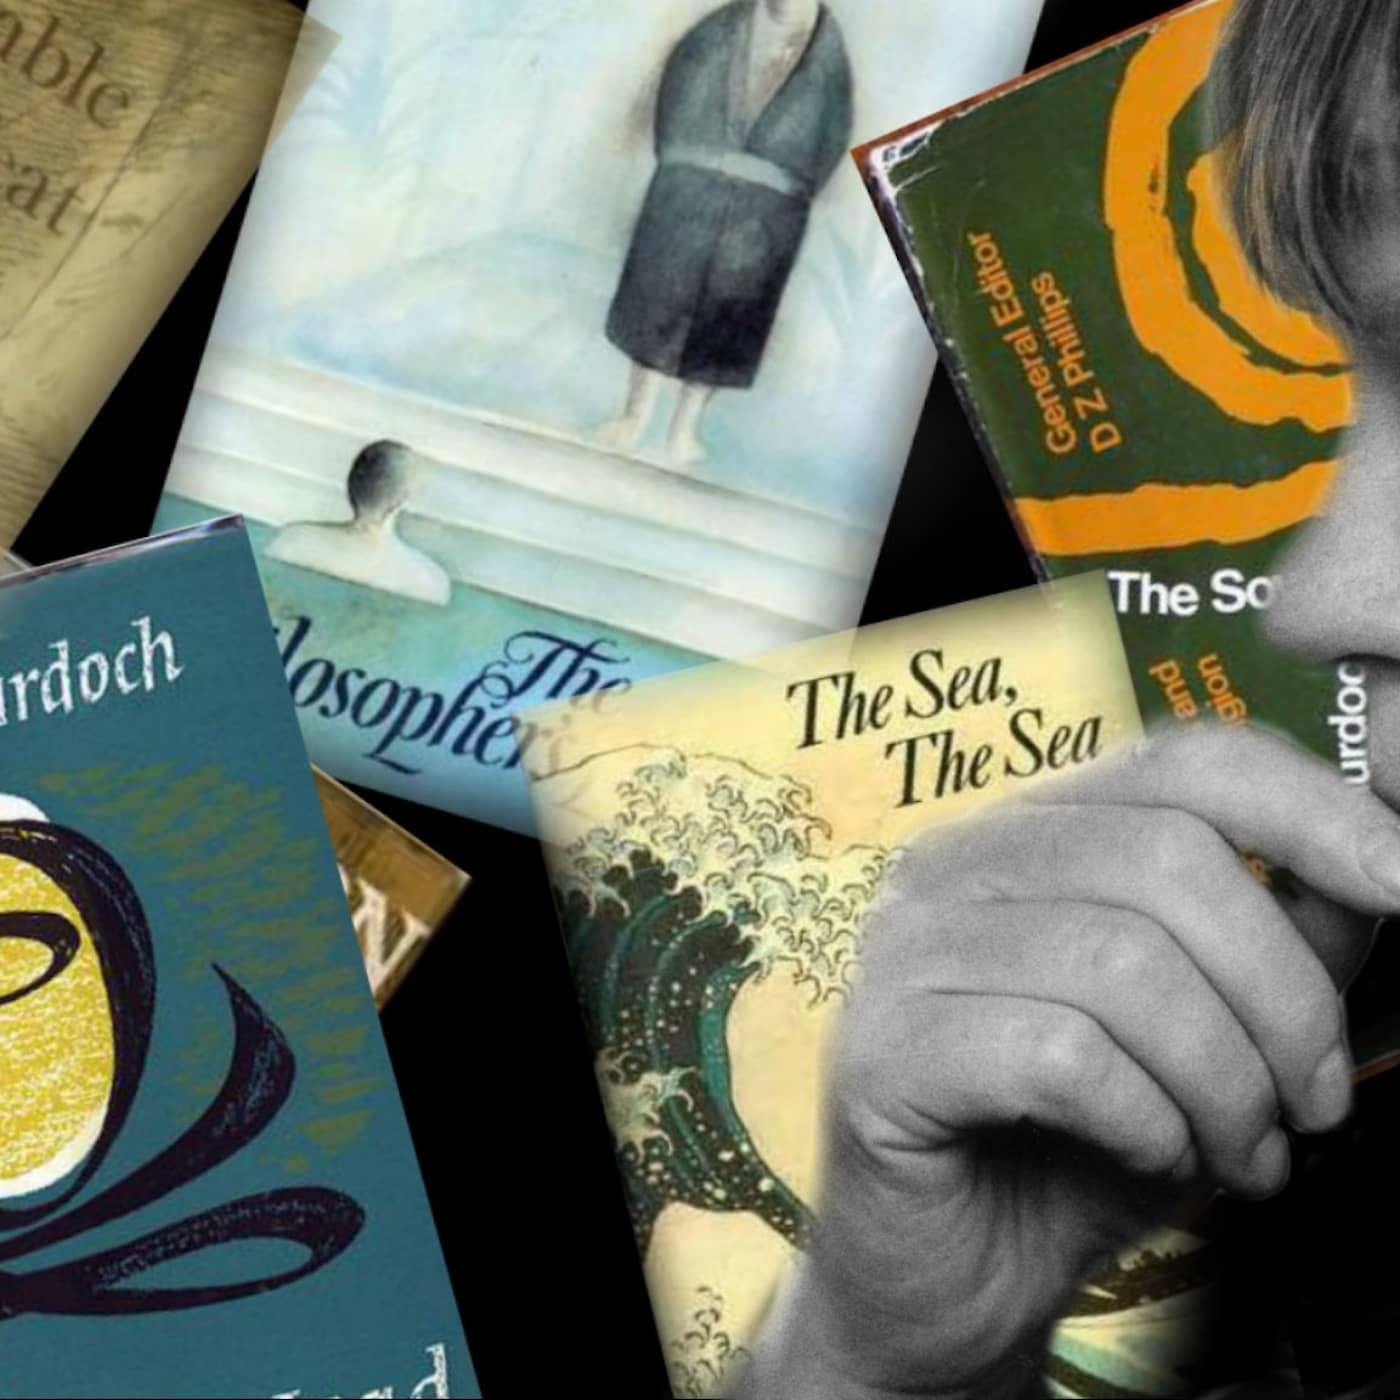 e2af95629f65 Litteratur är kärlek – Iris Murdochs romankonst